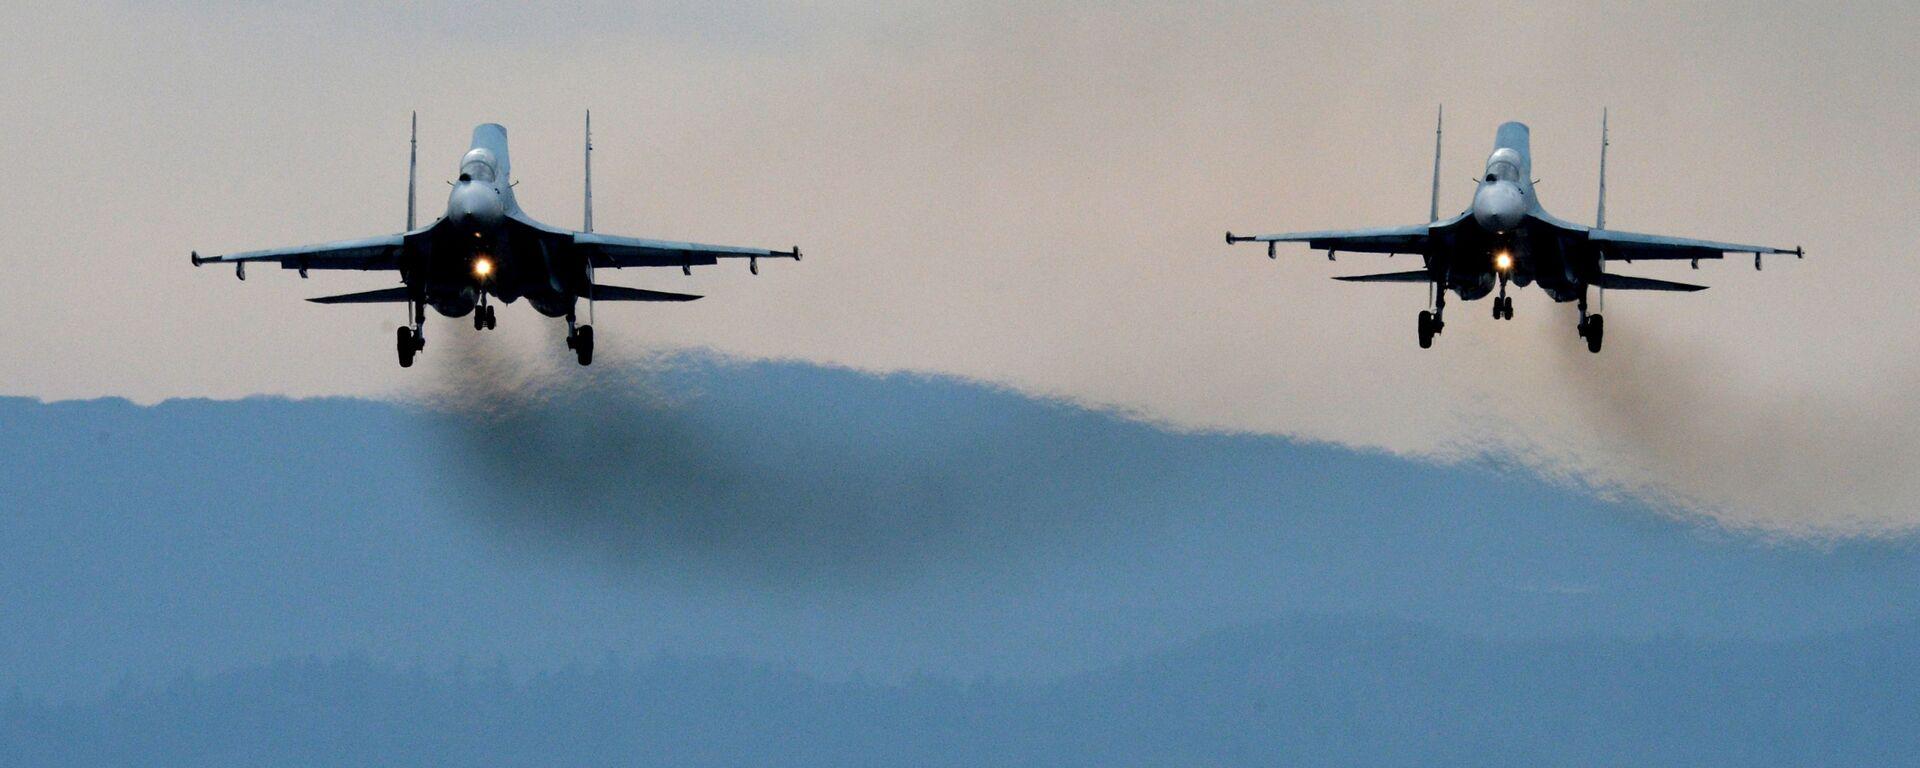 Samoloty Su-27SM lądują po przebytych manewrach - Sputnik Polska, 1920, 11.05.2021